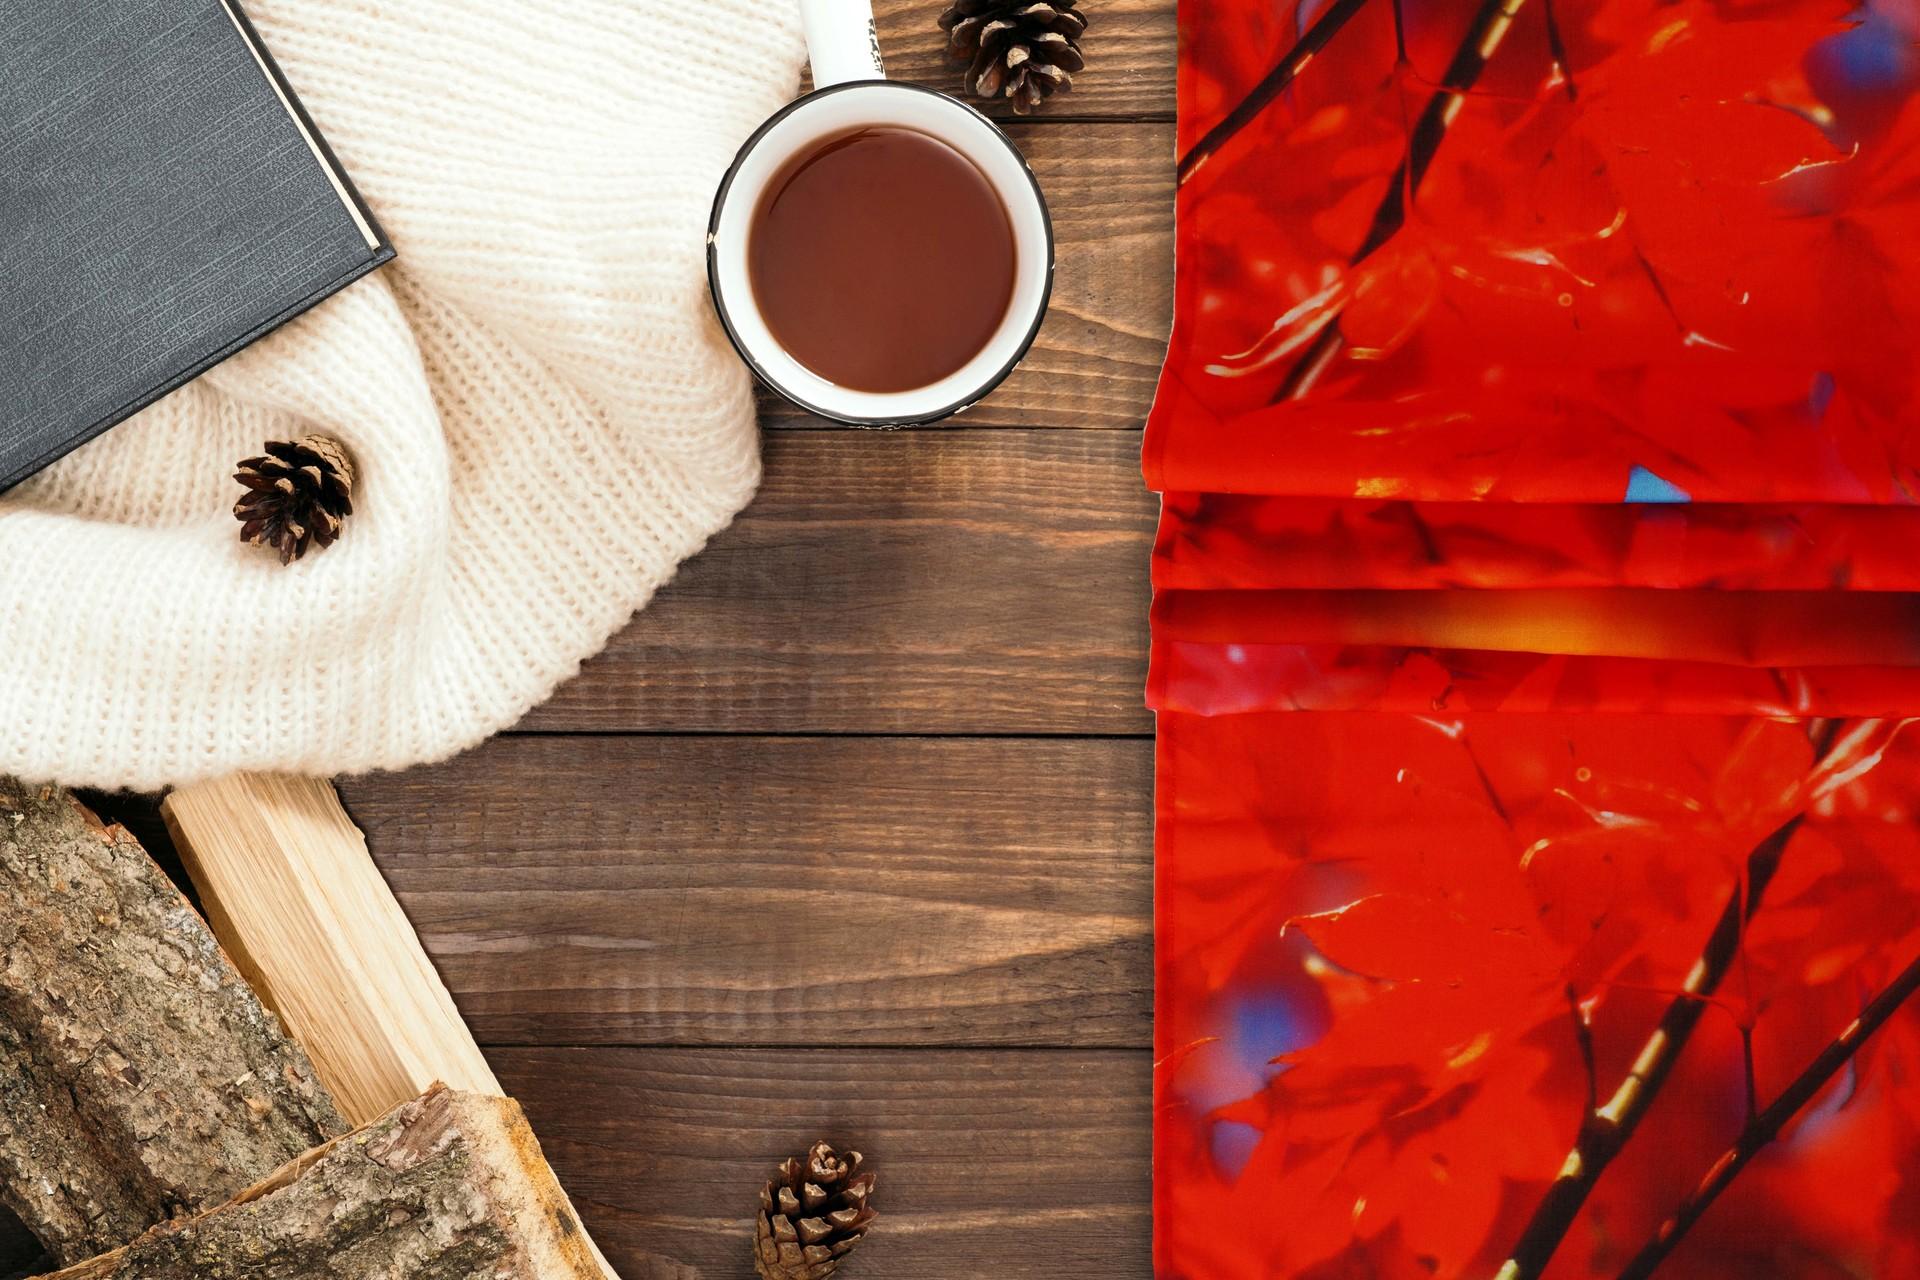 Běhoun na stůl, červené listí